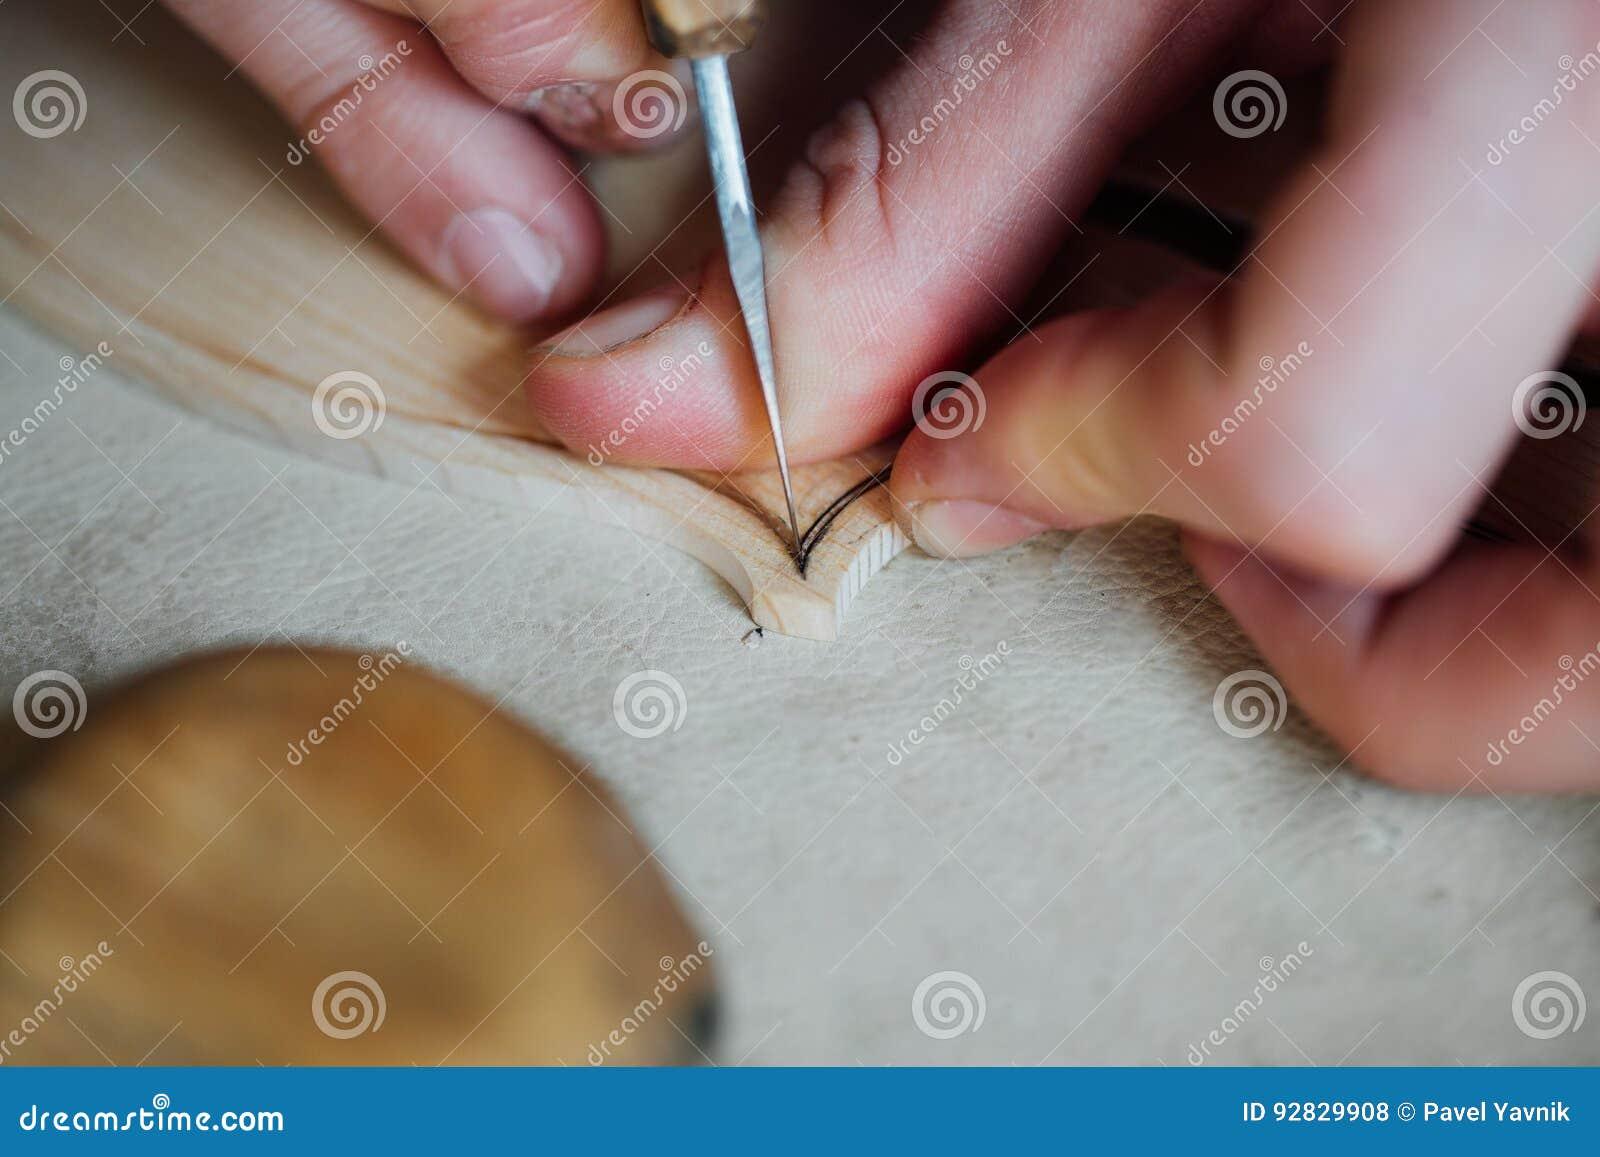 Trabalho mais luthier do artesão mestre na criação de um violino trabalho detalhado cuidadoso na madeira